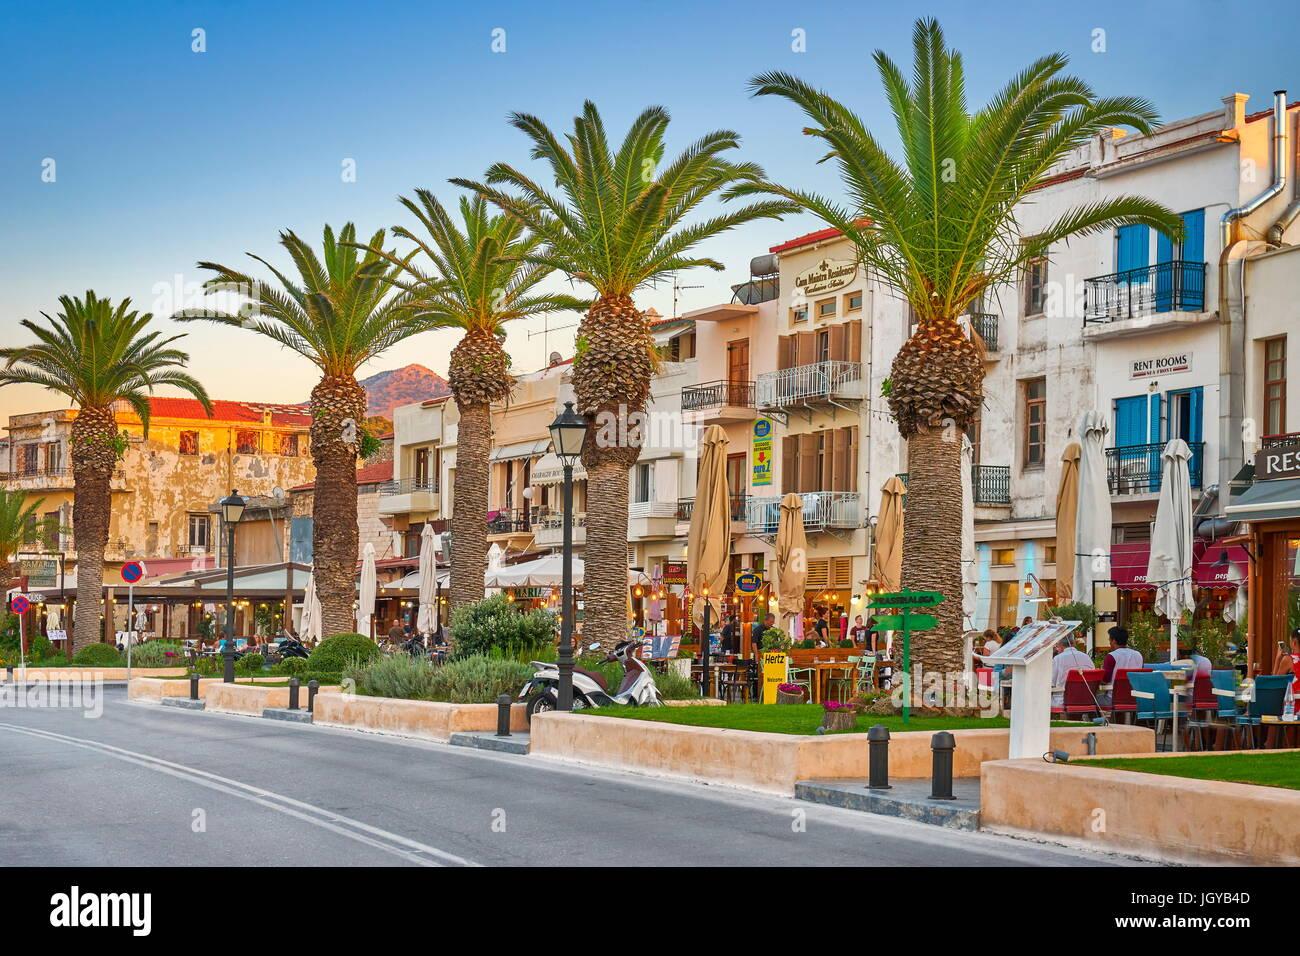 Città vecchia promenade, Rethimno, Creta, Grecia Immagini Stock